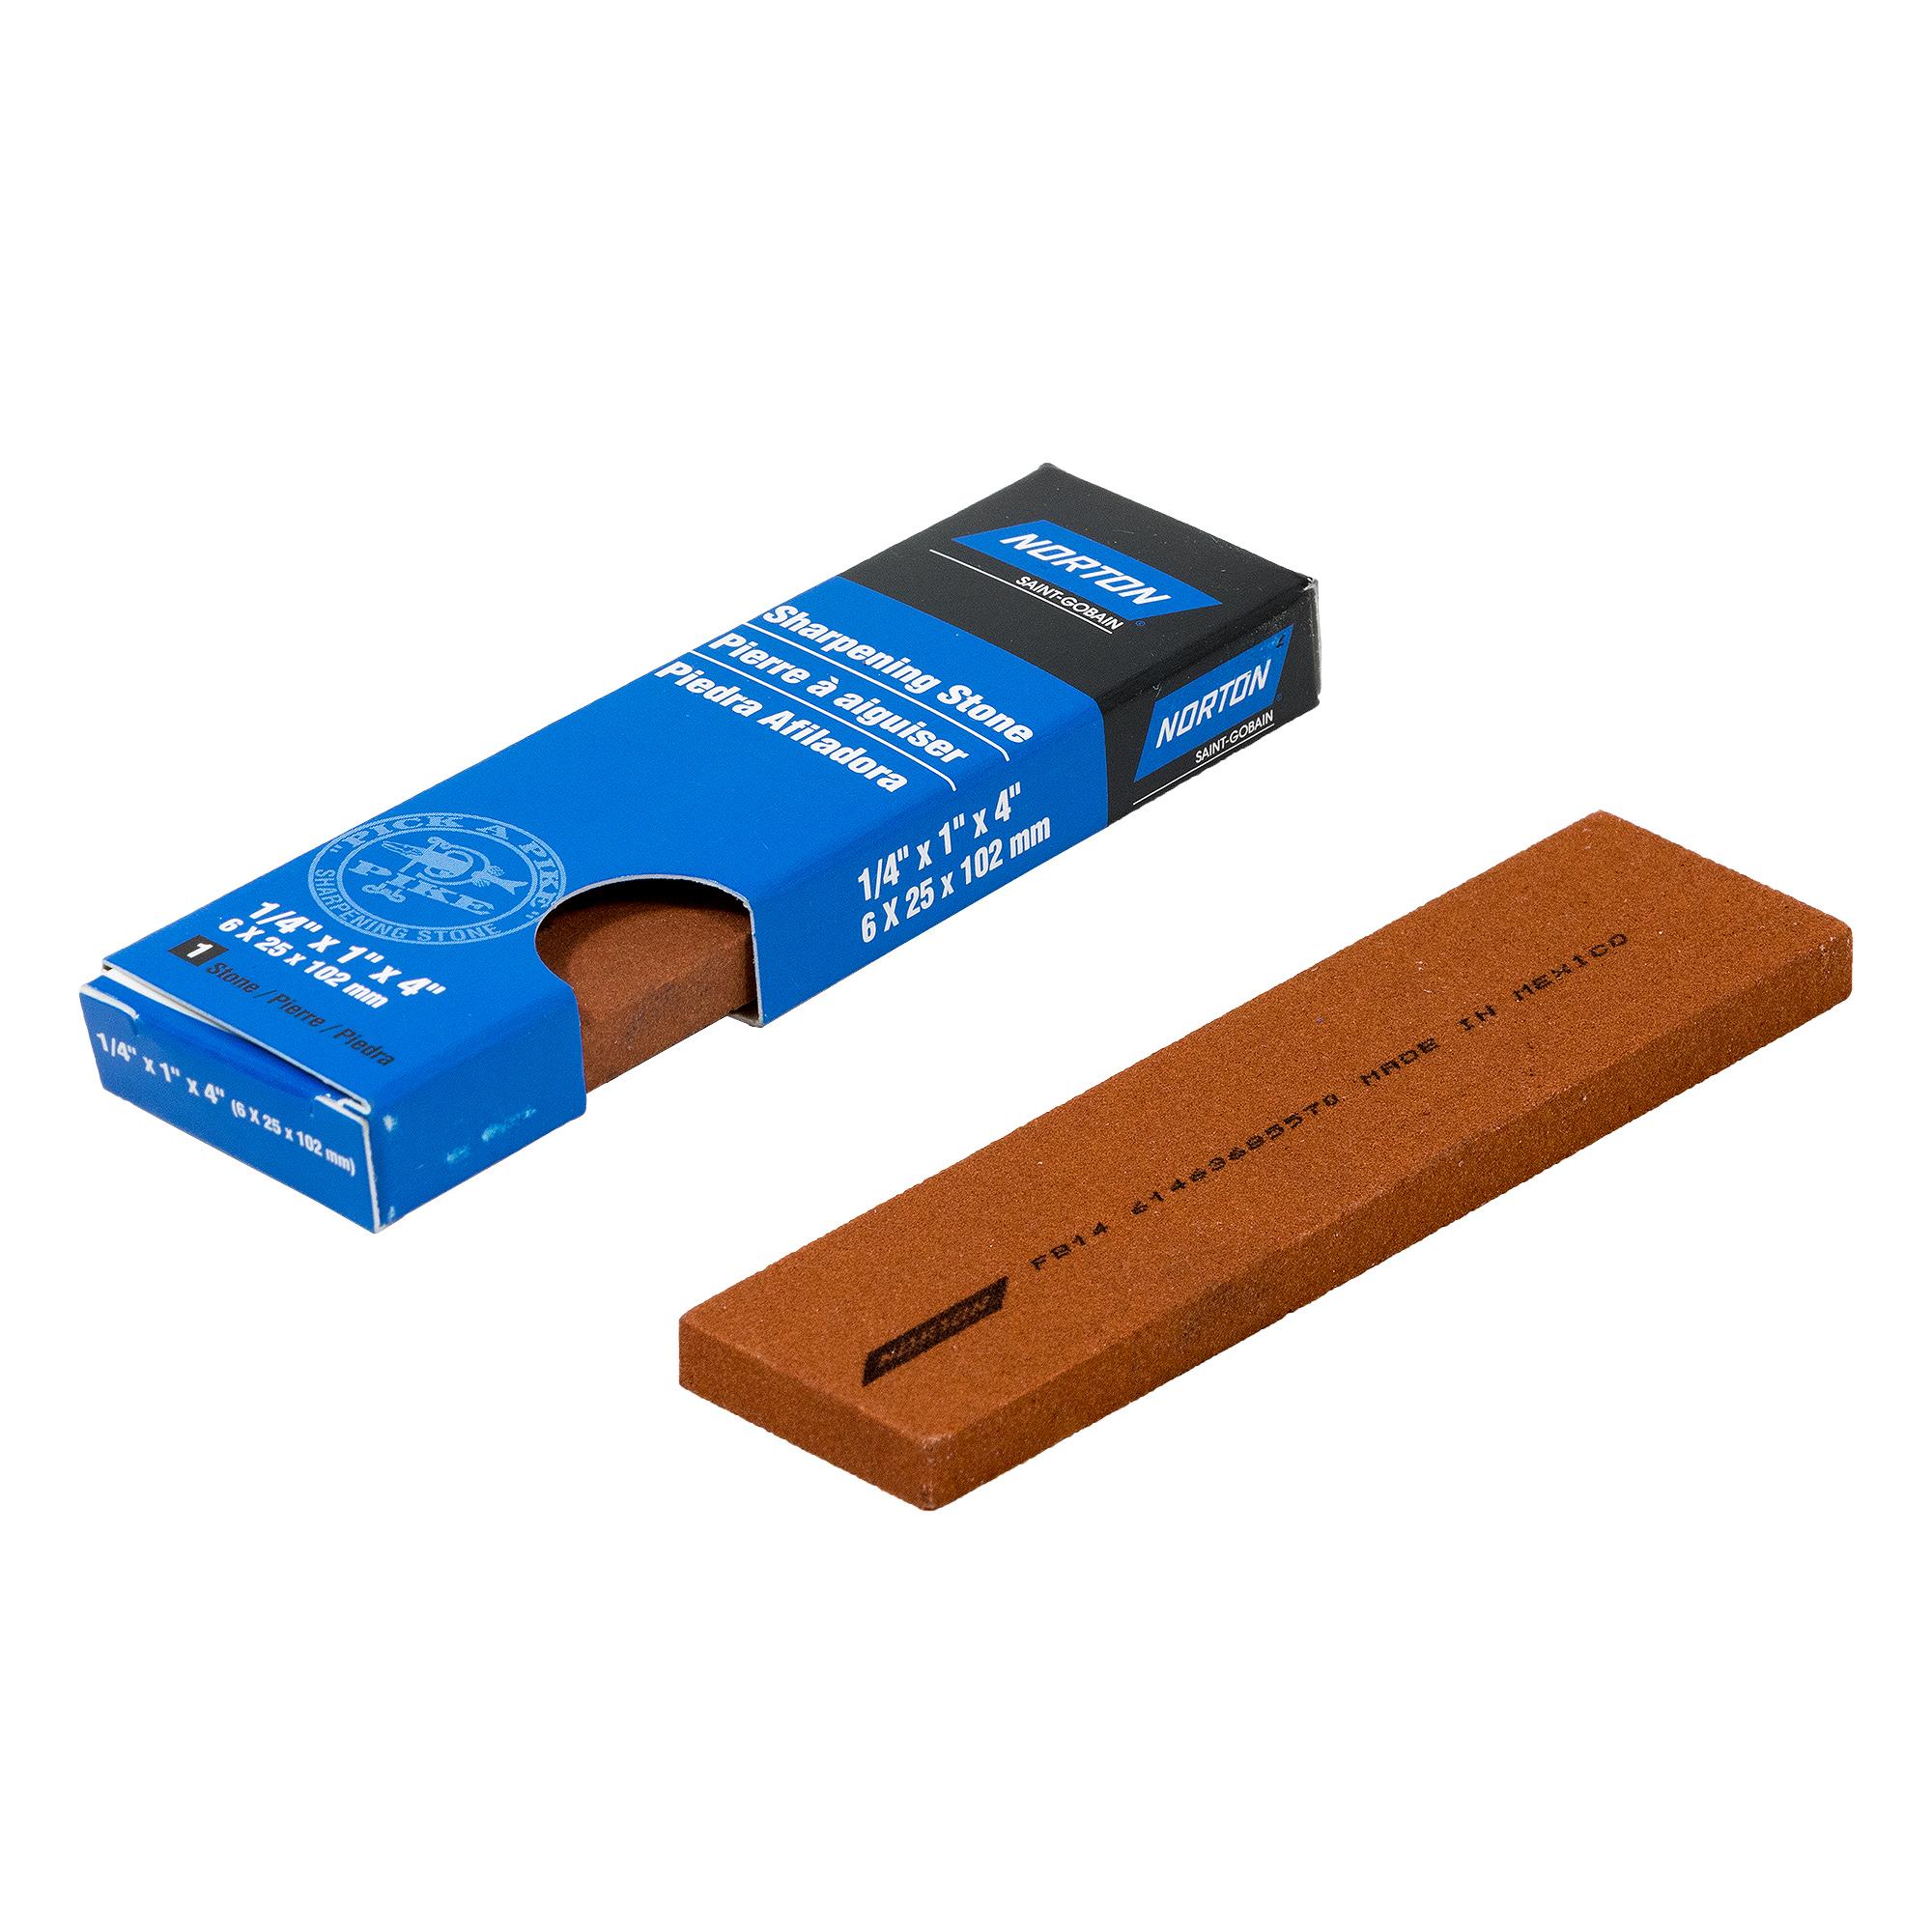 Norton INDIA Fine Schleifstein Wetzstein 102x25x6 mm | Industriequalität | 61463685570